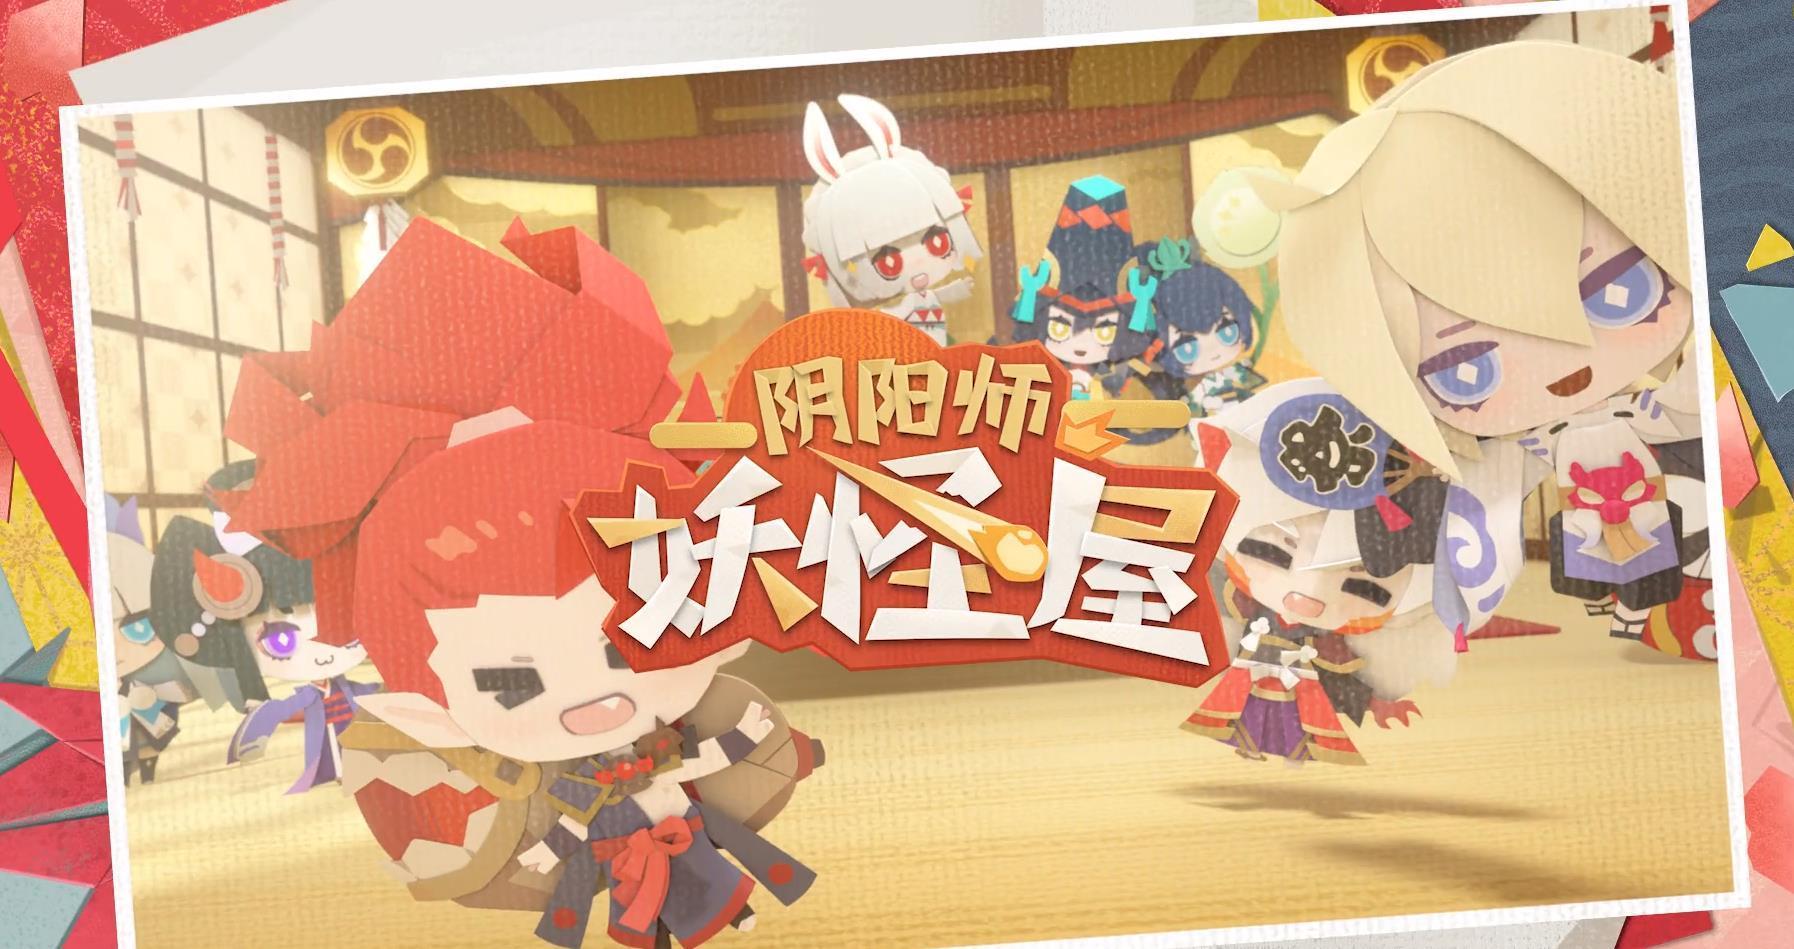 dota2 g1_盘点阴阳师的三款衍生游戏,从MOBA到休闲,妖怪屋或成全村的希望?